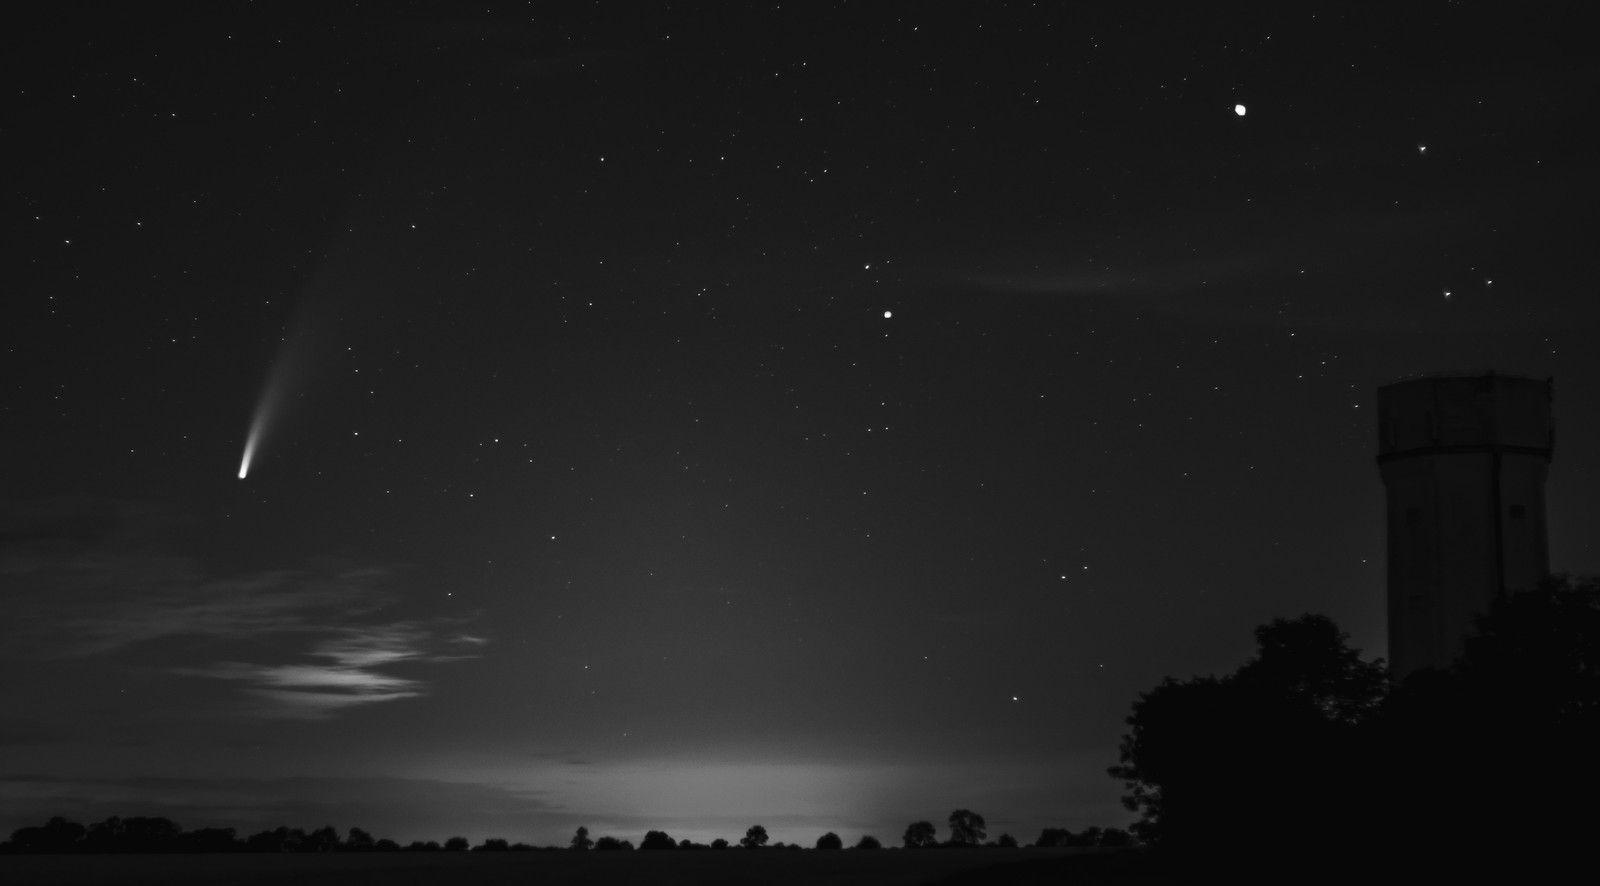 Photographie de la Comète Neowise (C/2020 F3) - 16 juillet 2020